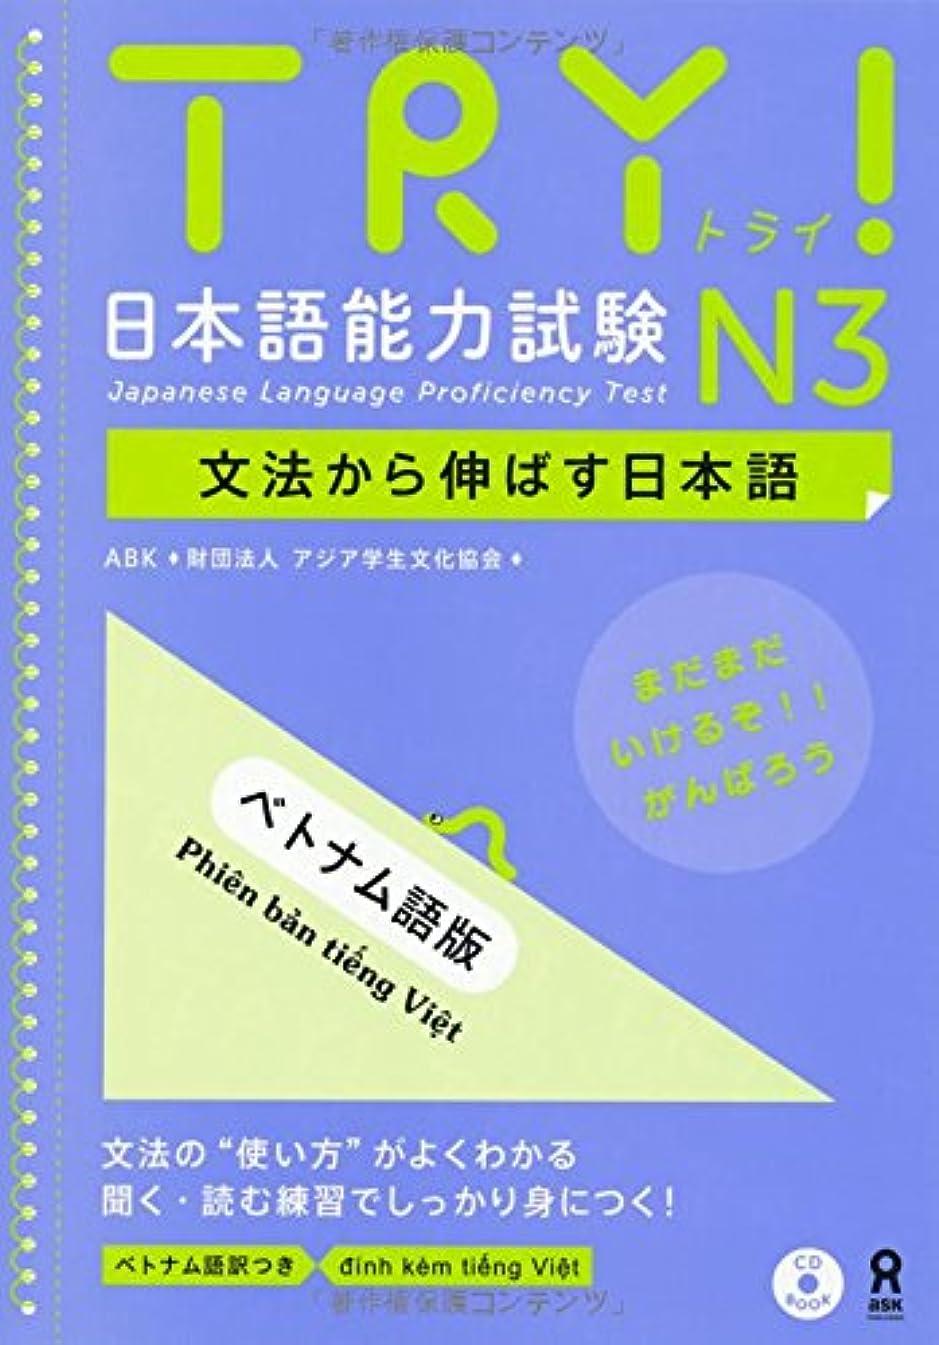 レパートリー枯渇チェリーTRY! 日本語能力試験N3 文法から伸ばす日本語 ベトナム語版 TRY! Nihongo Nouryoku Shiken N3 Bunpou Kara Nobasu Nihongo Revised Version (Vietnamese Version)